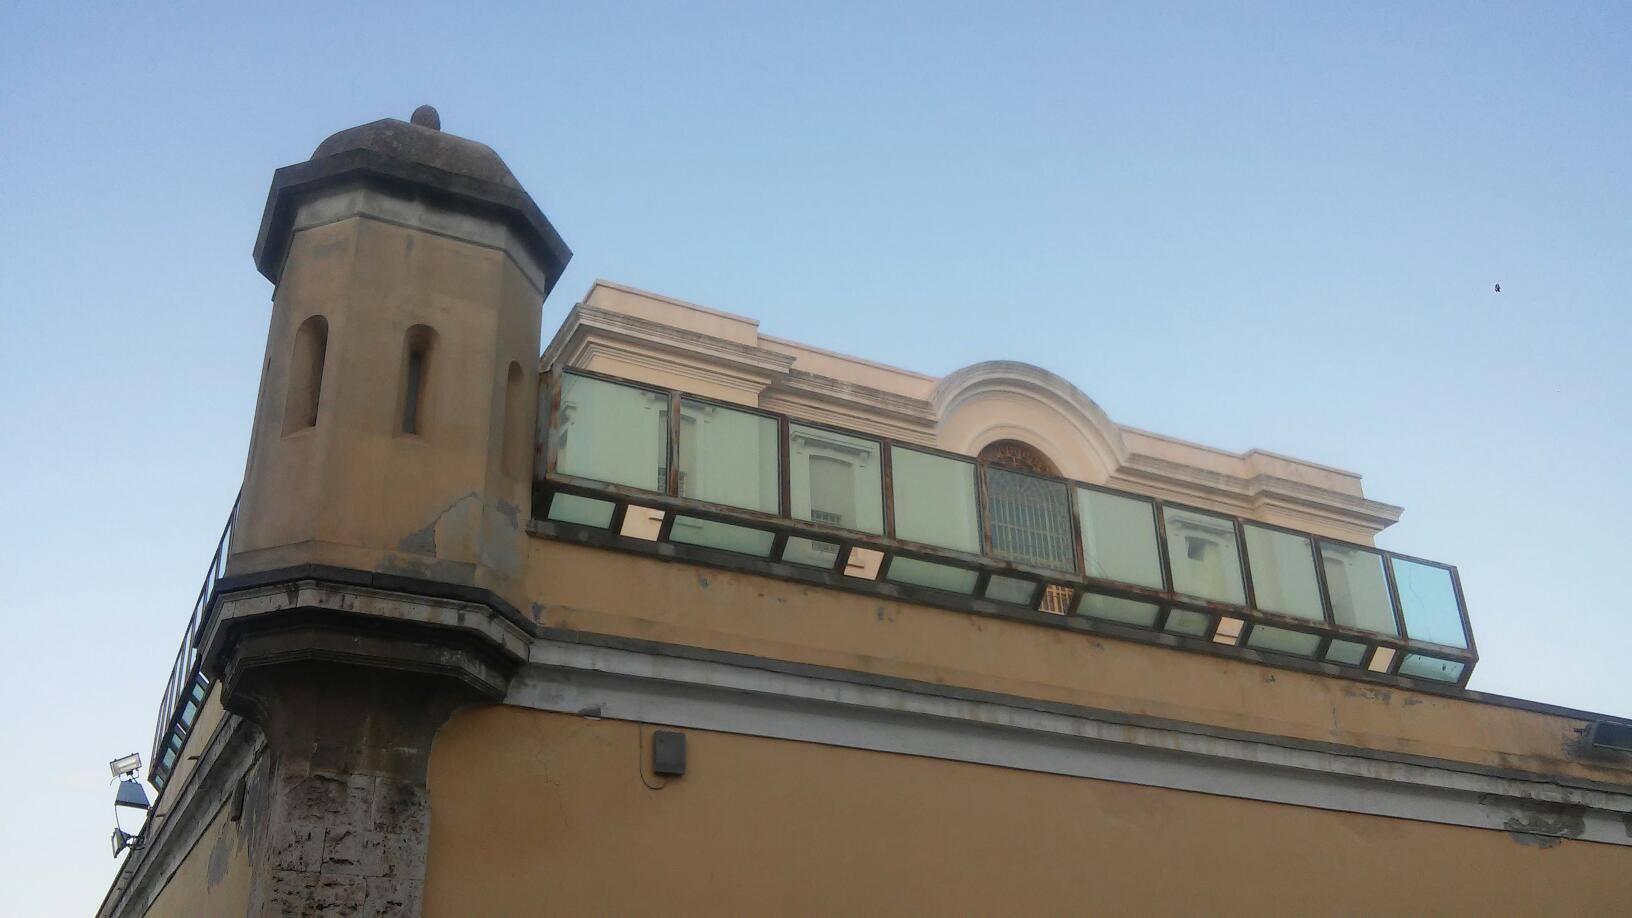 Carcere buoncammino Cagliari